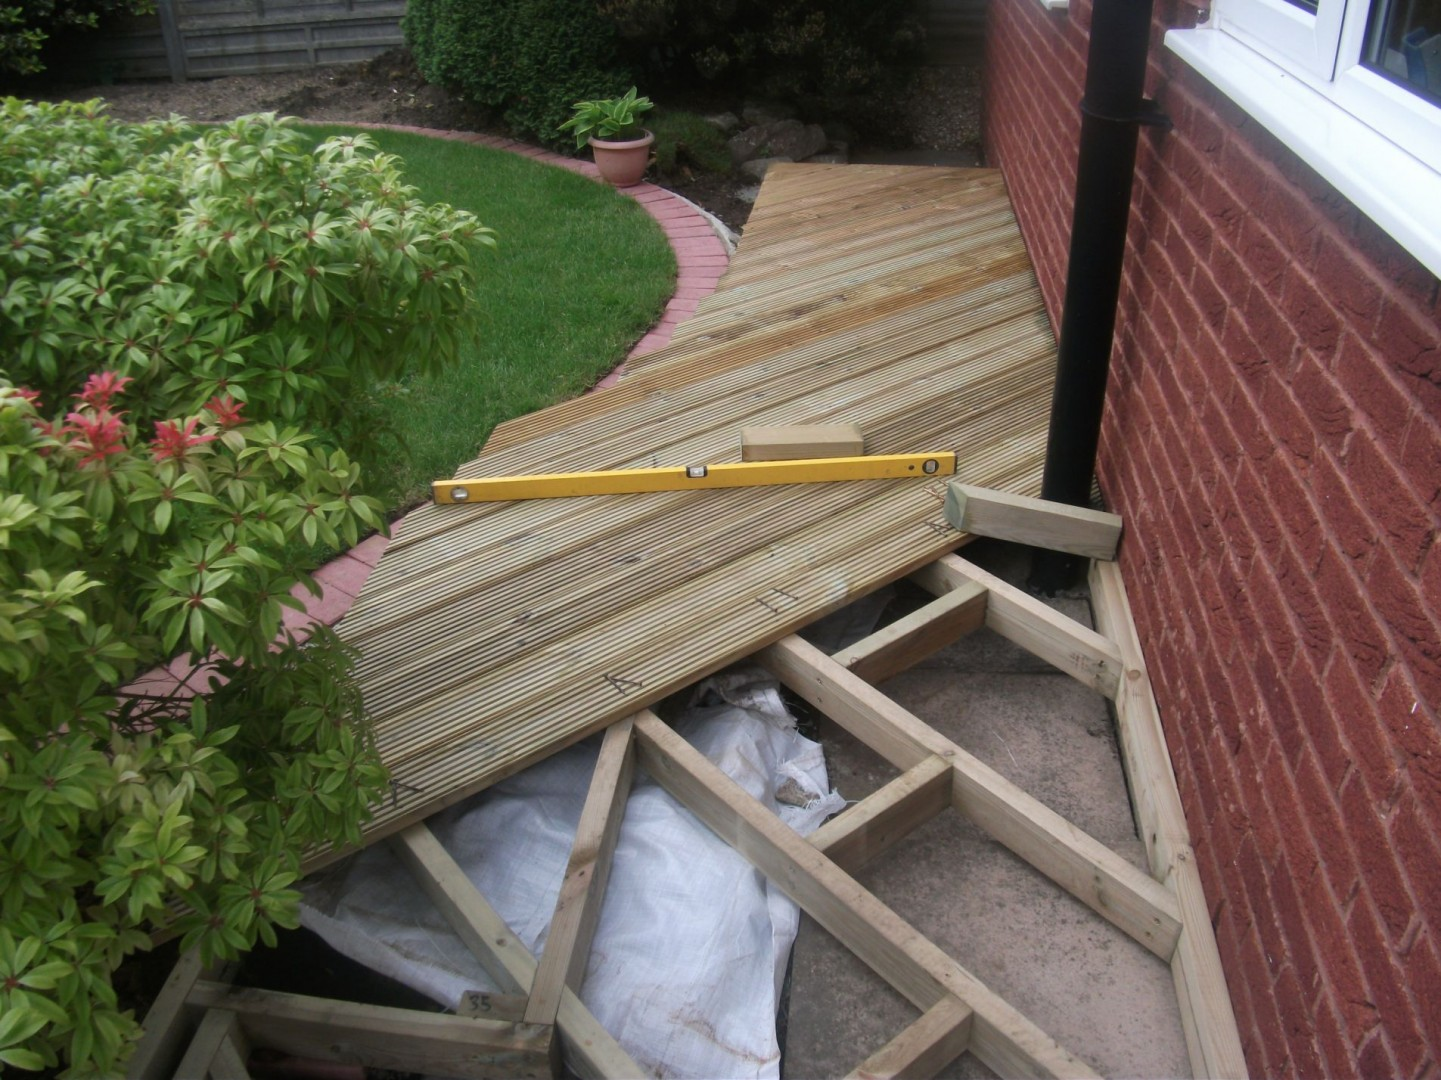 Timber decking Weymouth, Weymouth decking, Weymouth timber decking, deck, deck builder, deck builders, Weymouth deck builders, Dorchester deck builders, Dorchester decking,